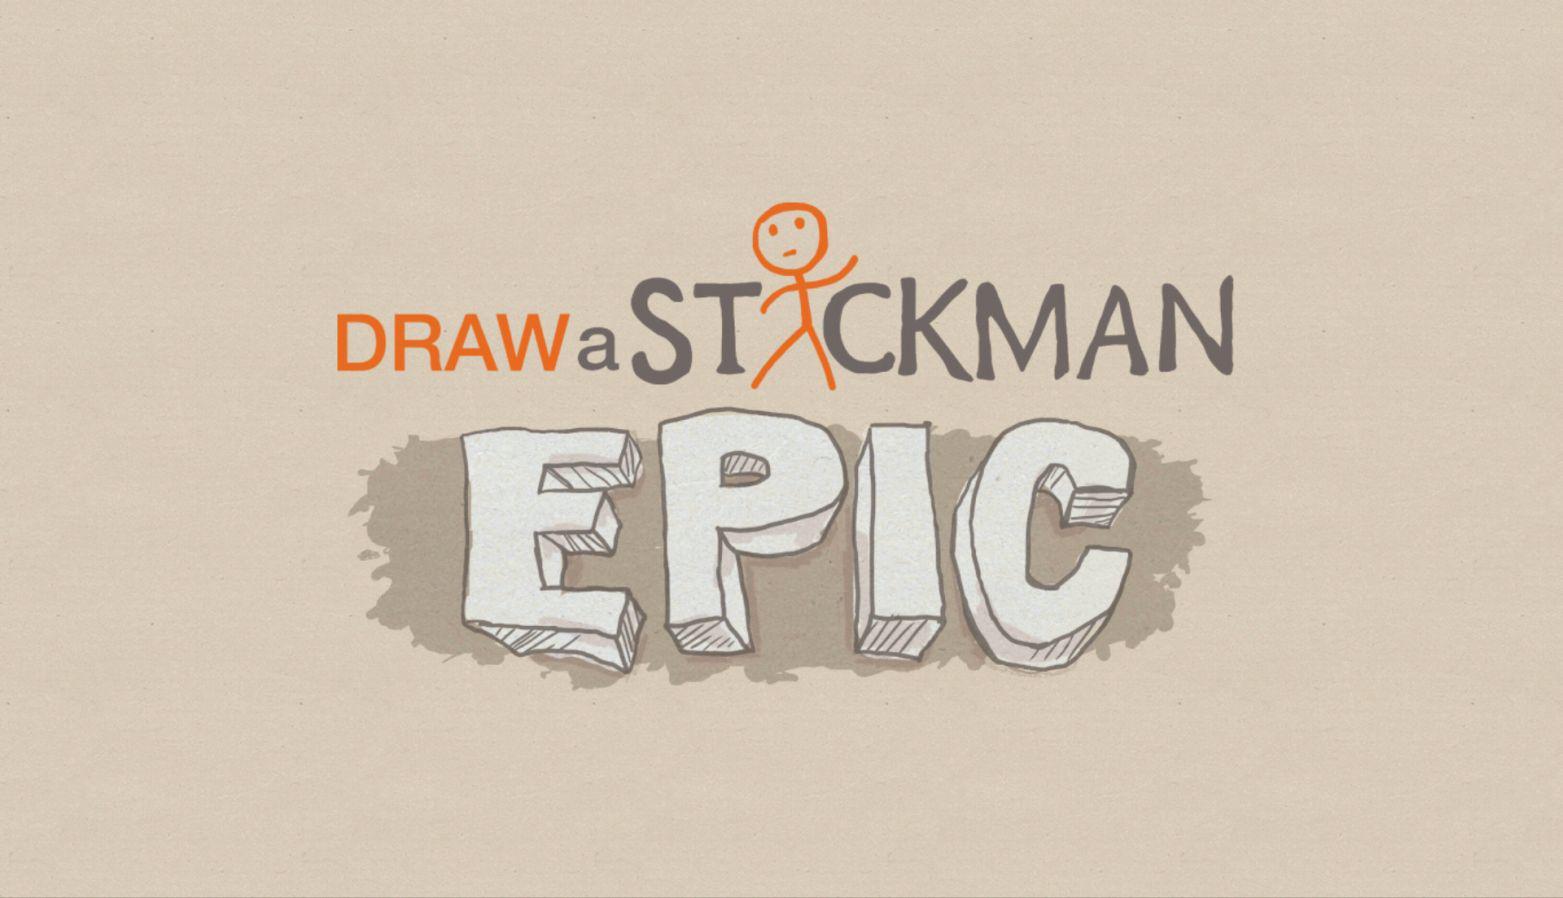 drawn stickman epic